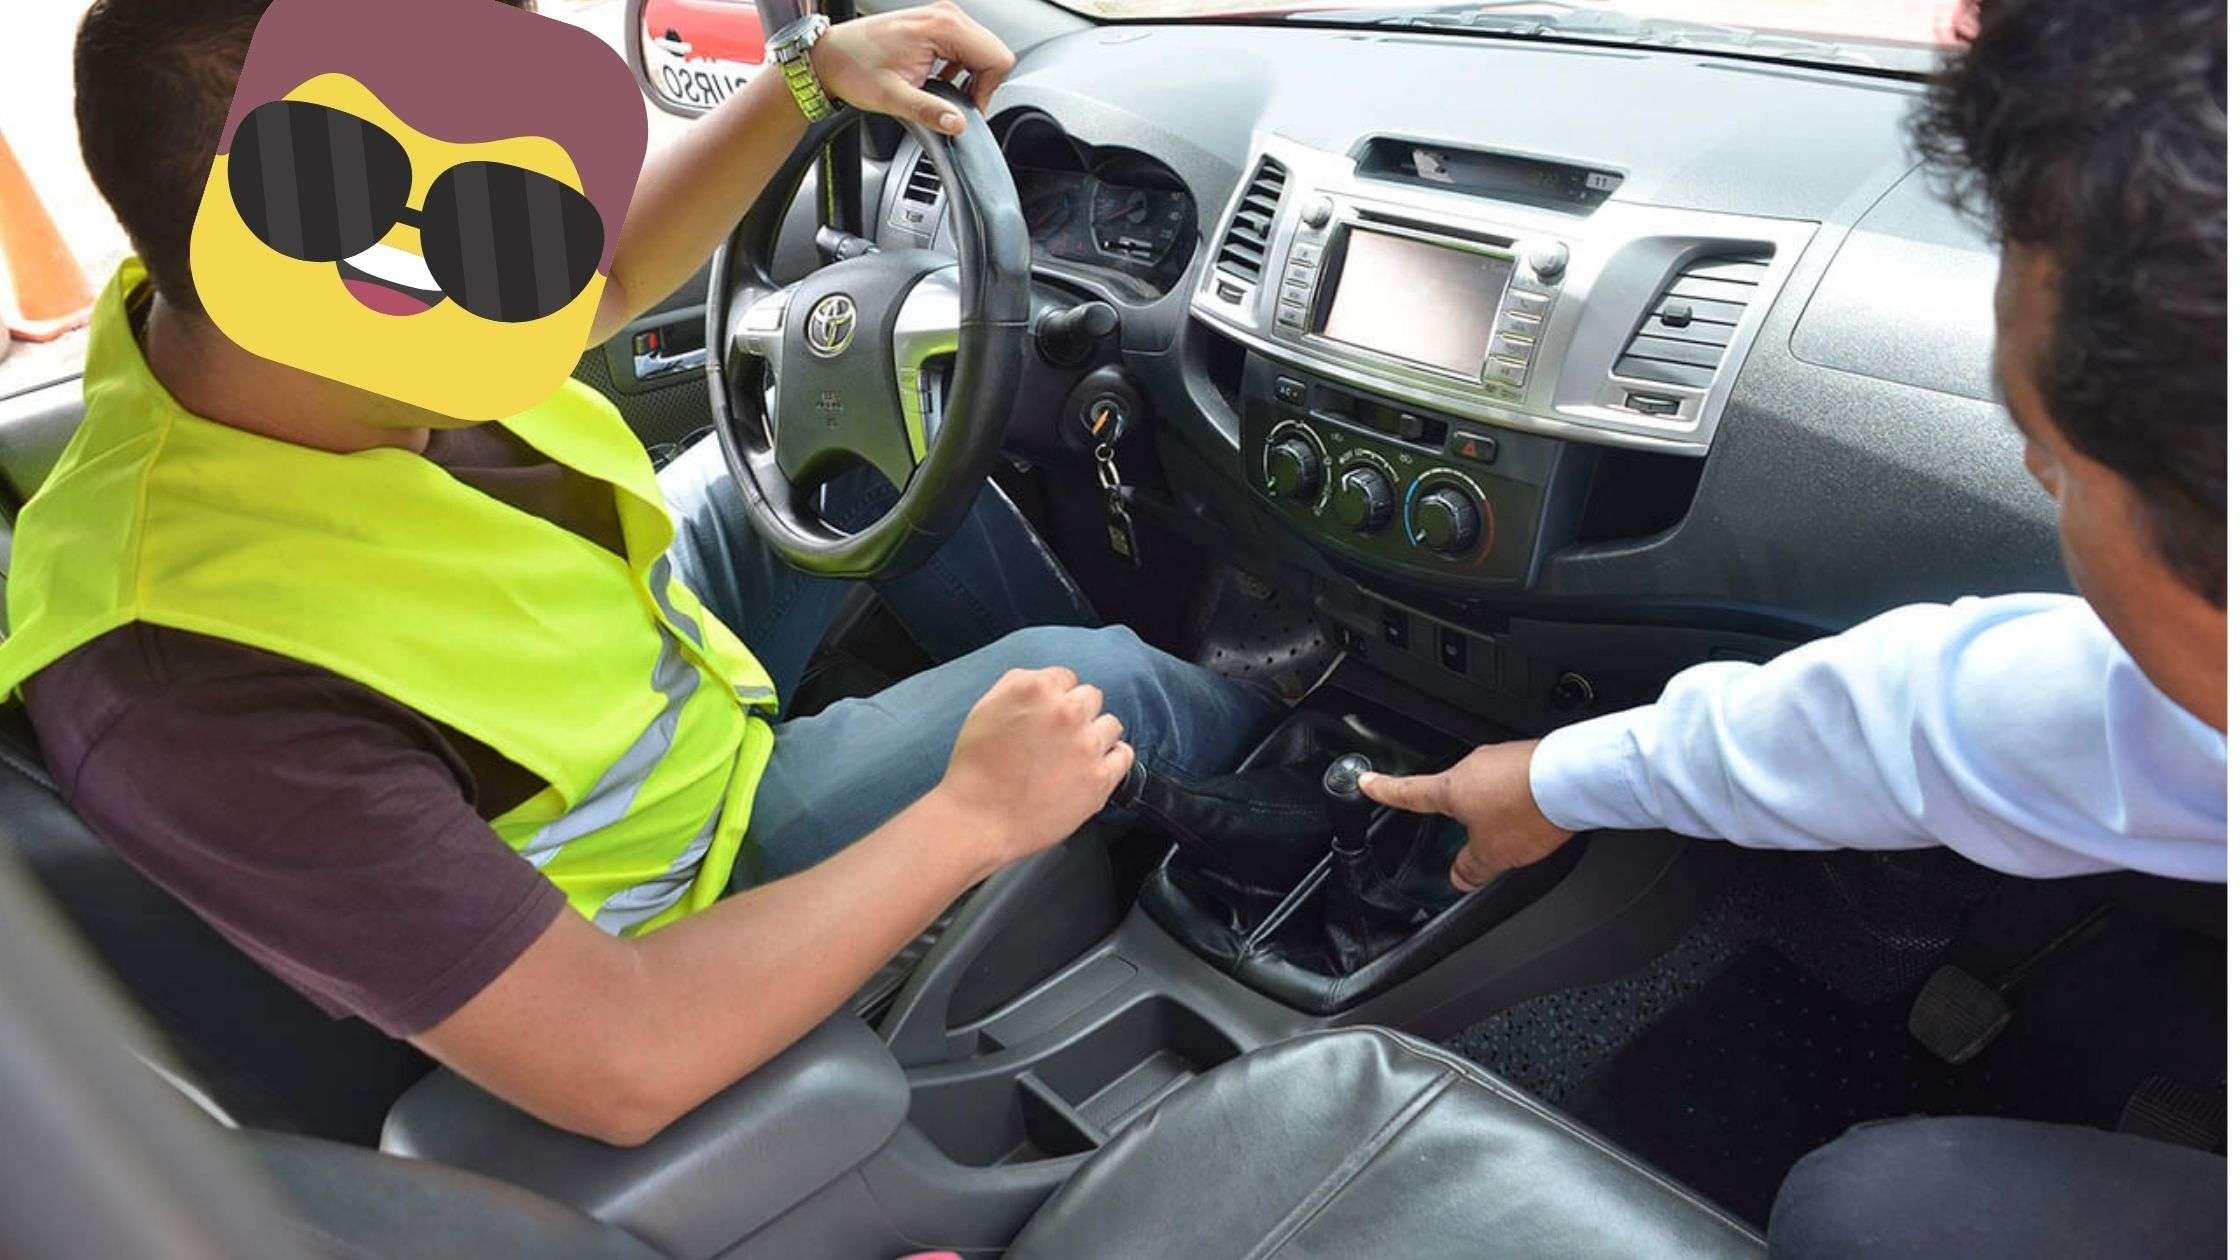 Hábitos y comportamientops seguros al conducir